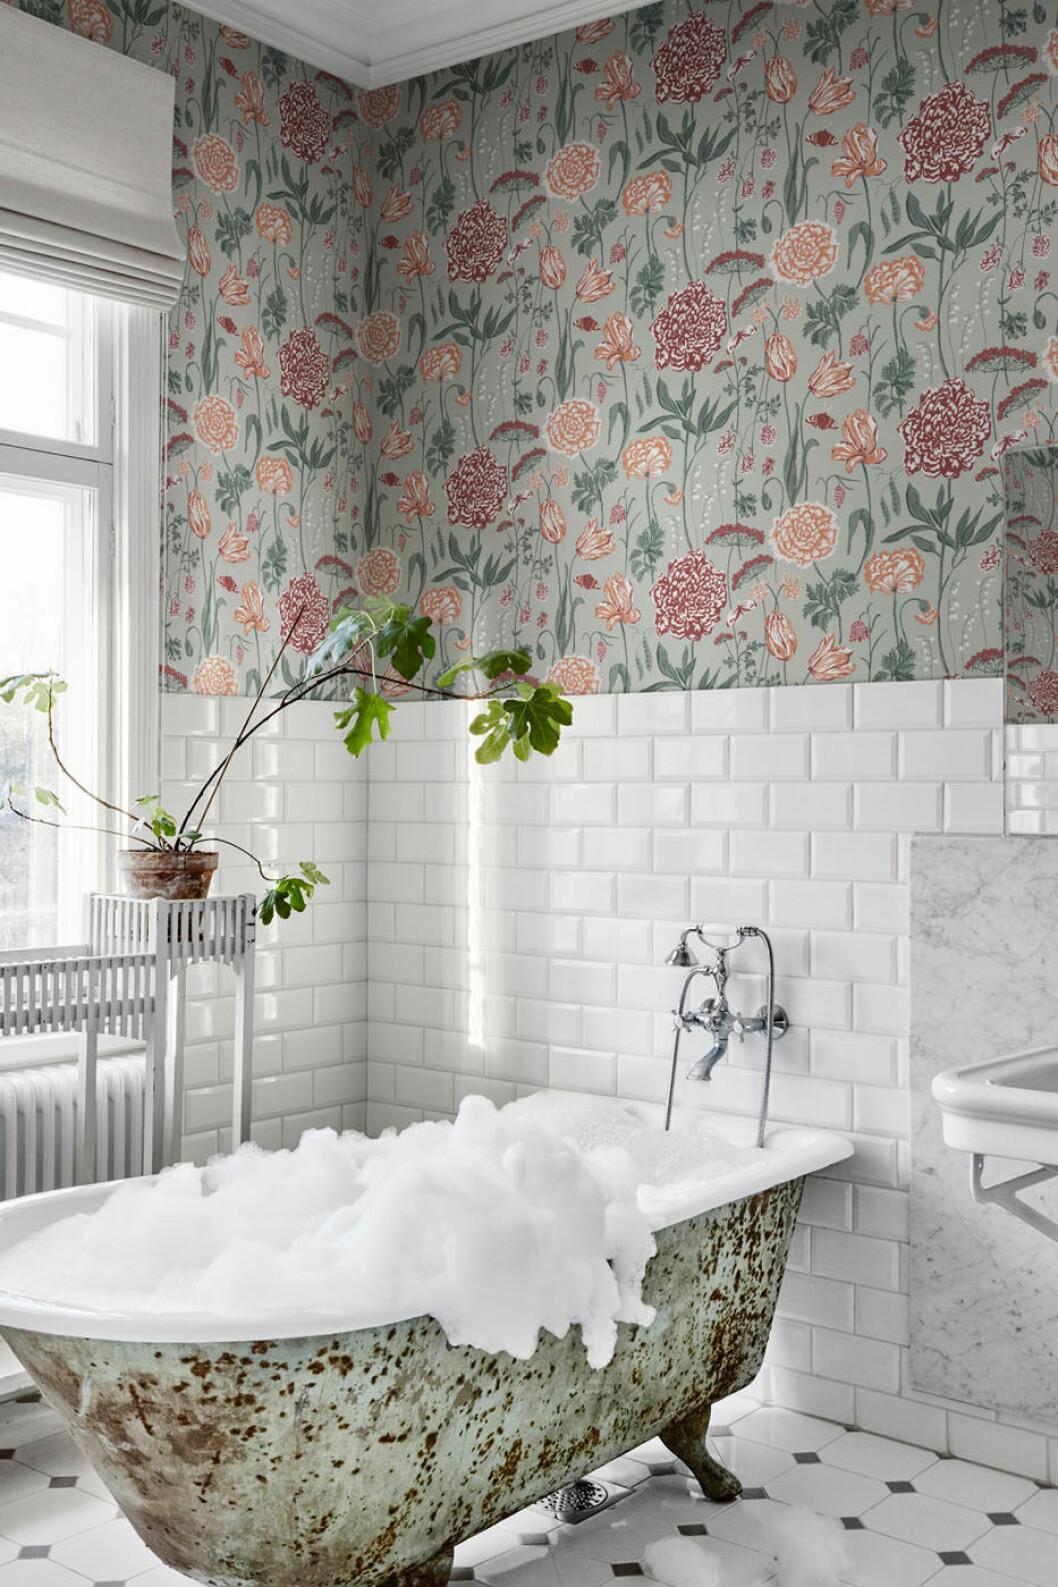 Blommig tapet i badrum med halvkaklat och badkar